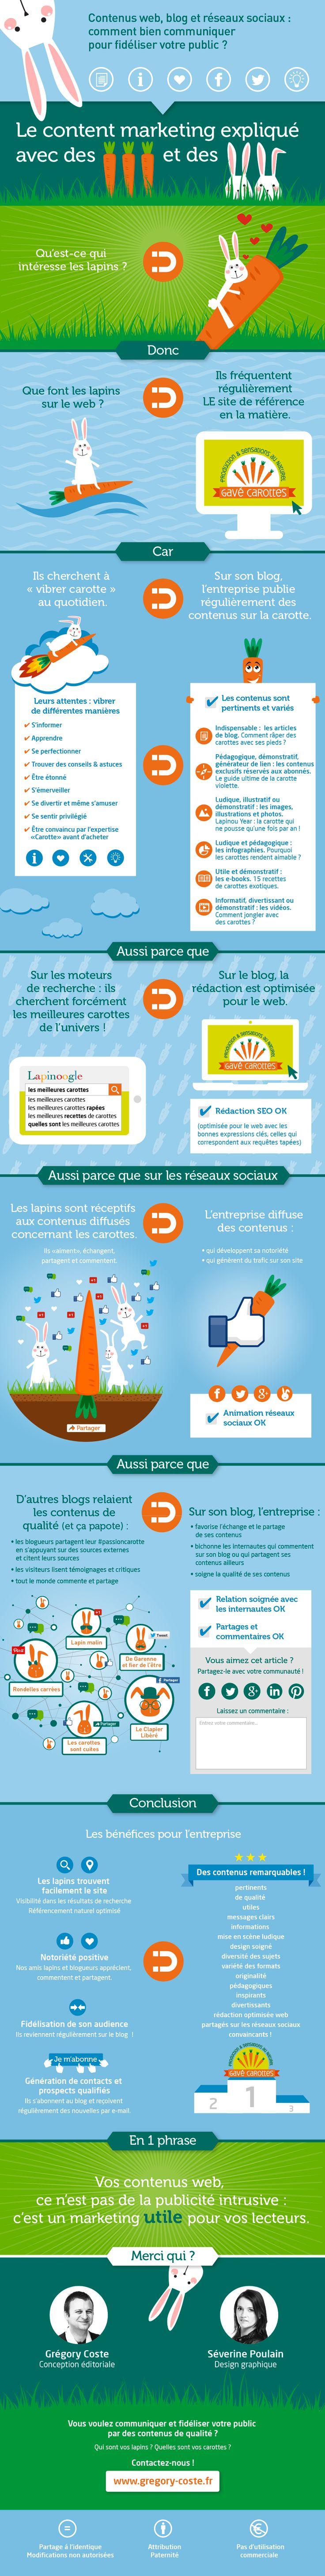 Contenus web, blog, réseaux sociaux et visibilité sur le web comment ça marche ? Réponse avec le Content Marketing expliqué en infographie avec des carottes et des lapins. #infographie #contentmarketing #marketingdecontenu